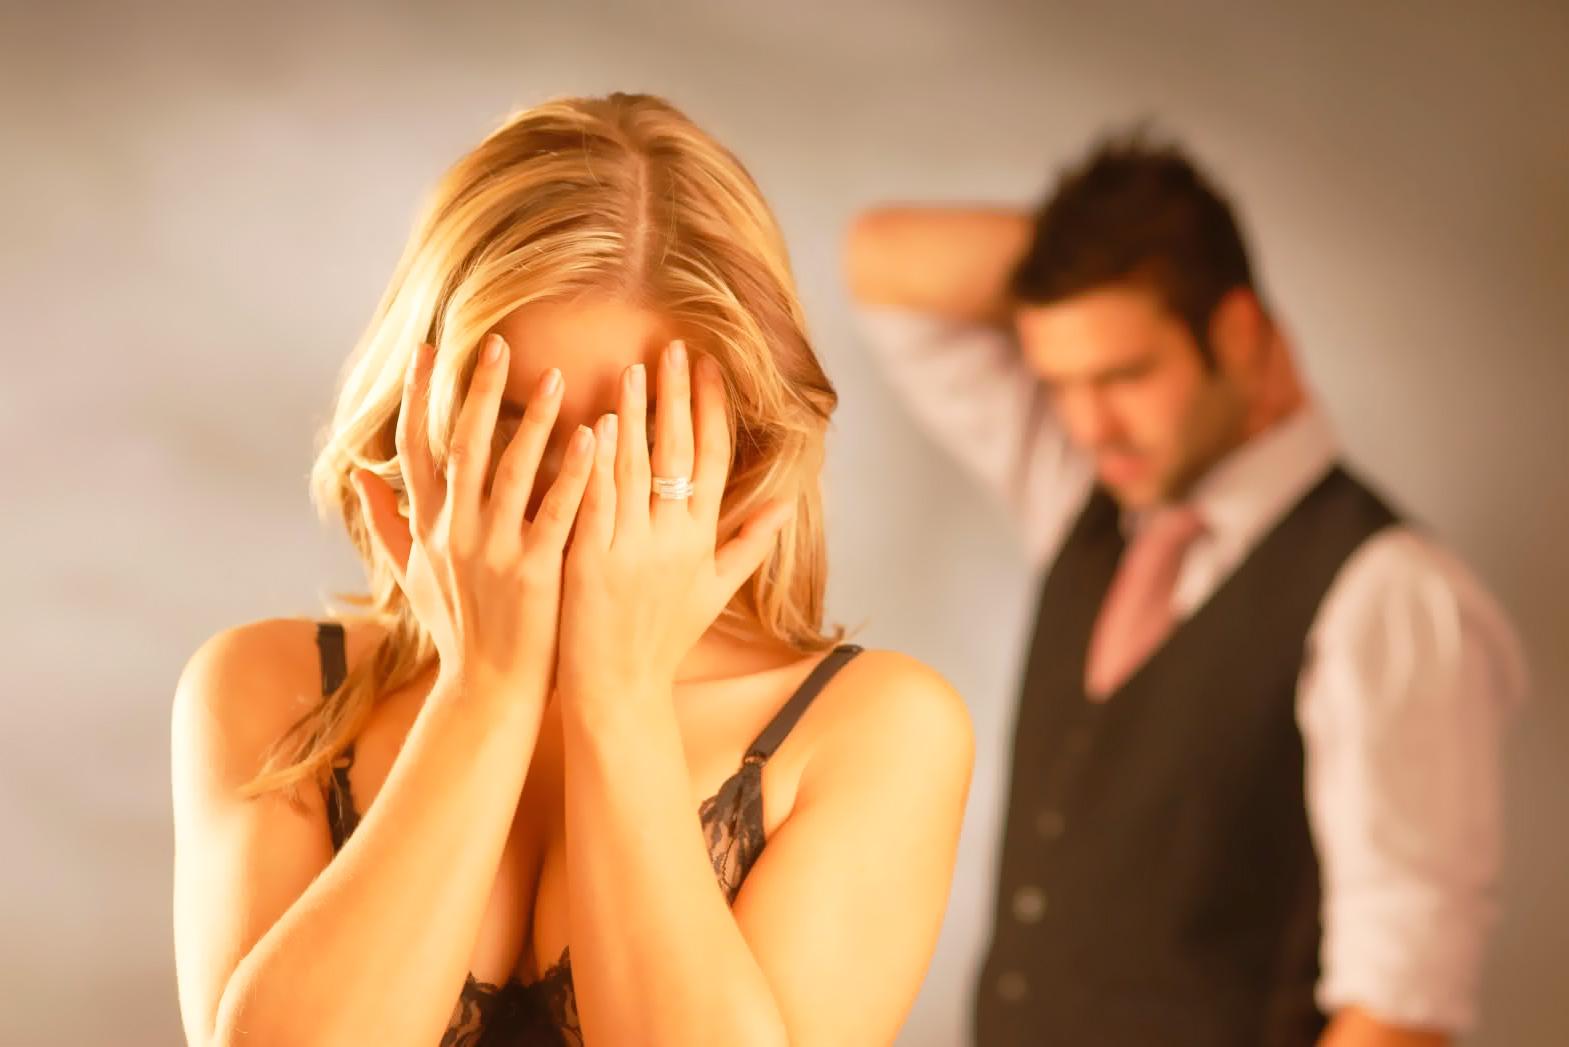 Ссоры по причине измены супруга